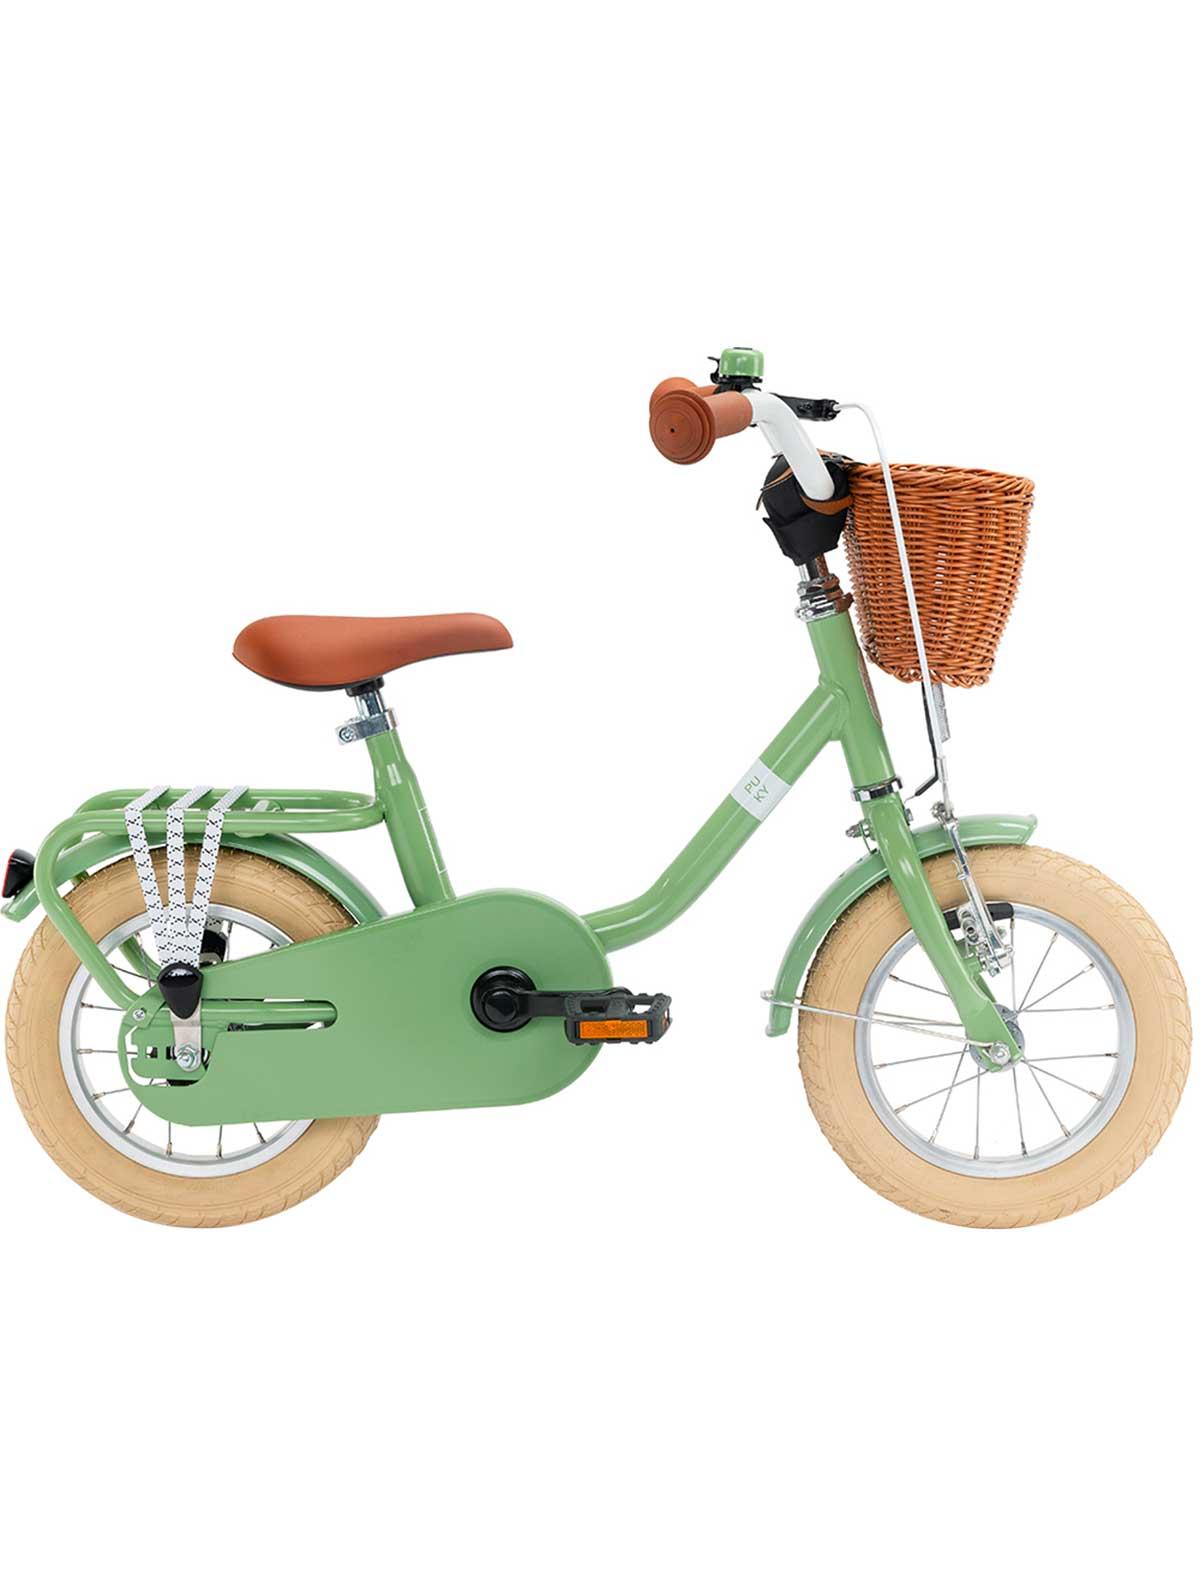 Купить 2264447, Велосипед PUKY, зеленый, 5414528080010